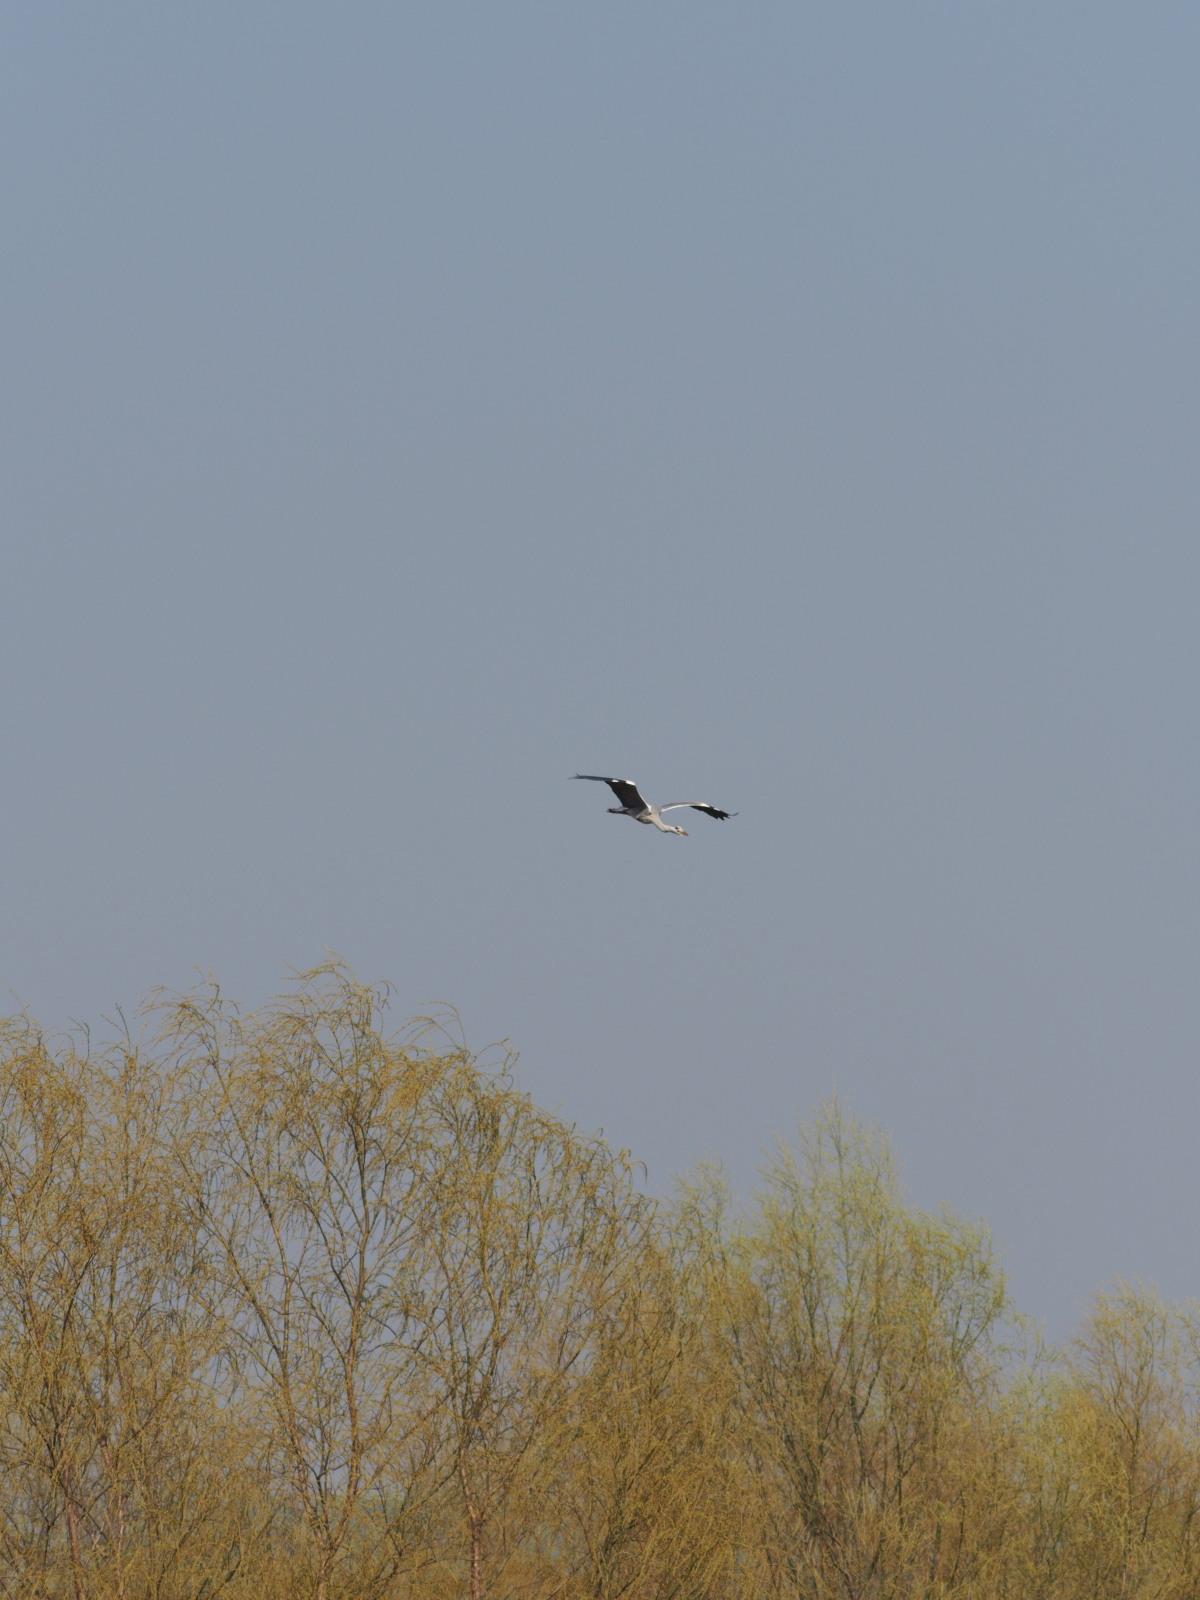 2014年3月17日 カワラヒワ/河原鶸/Oriental Greenfinch_f0108797_16174572.jpg